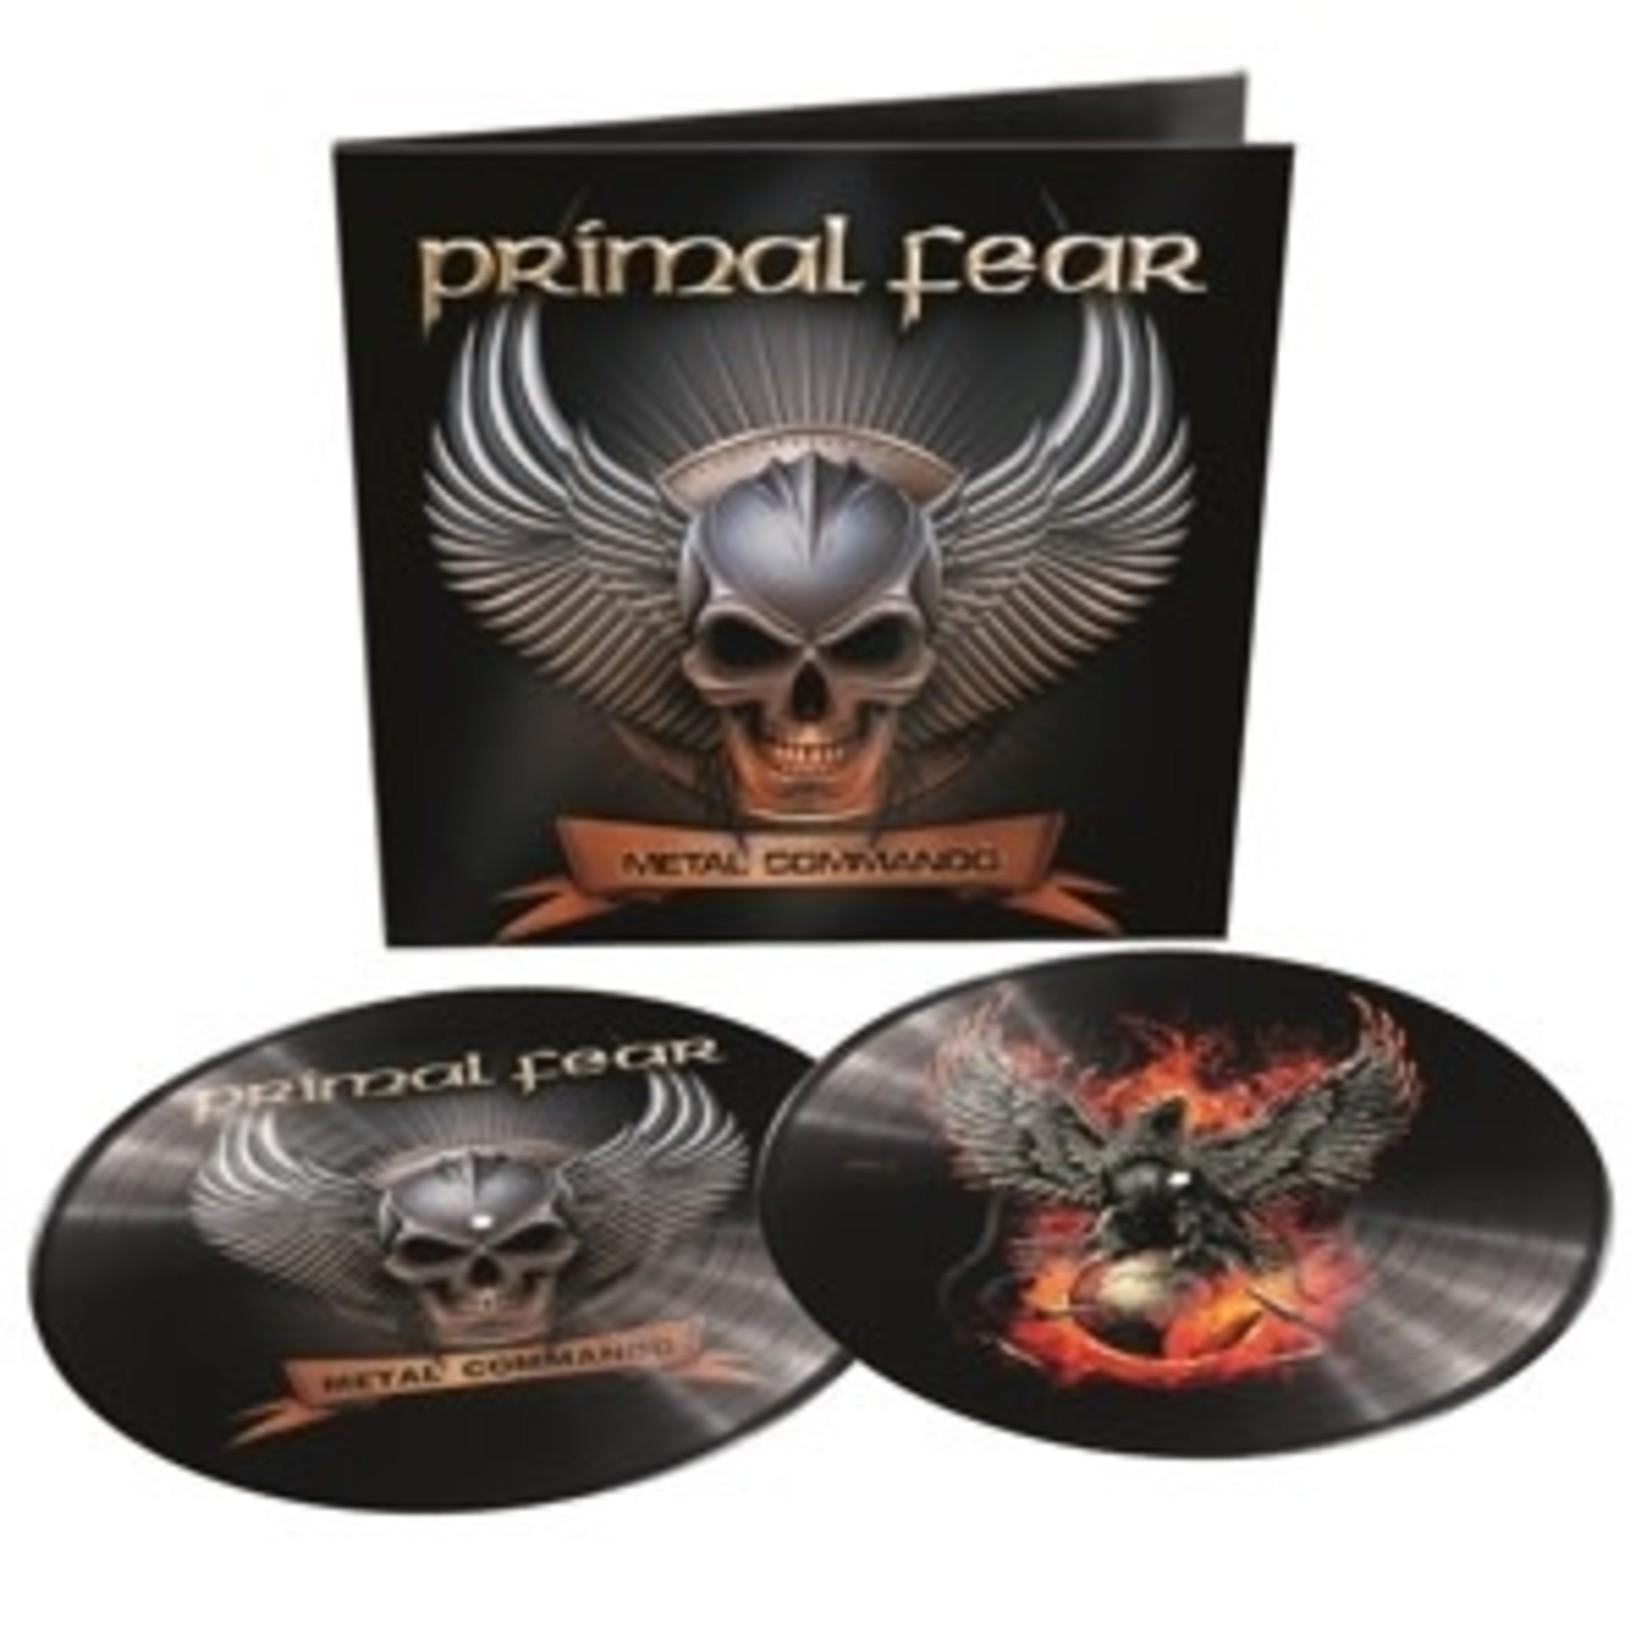 PRIMAL FEAR - Metal Commando   (VINYL)